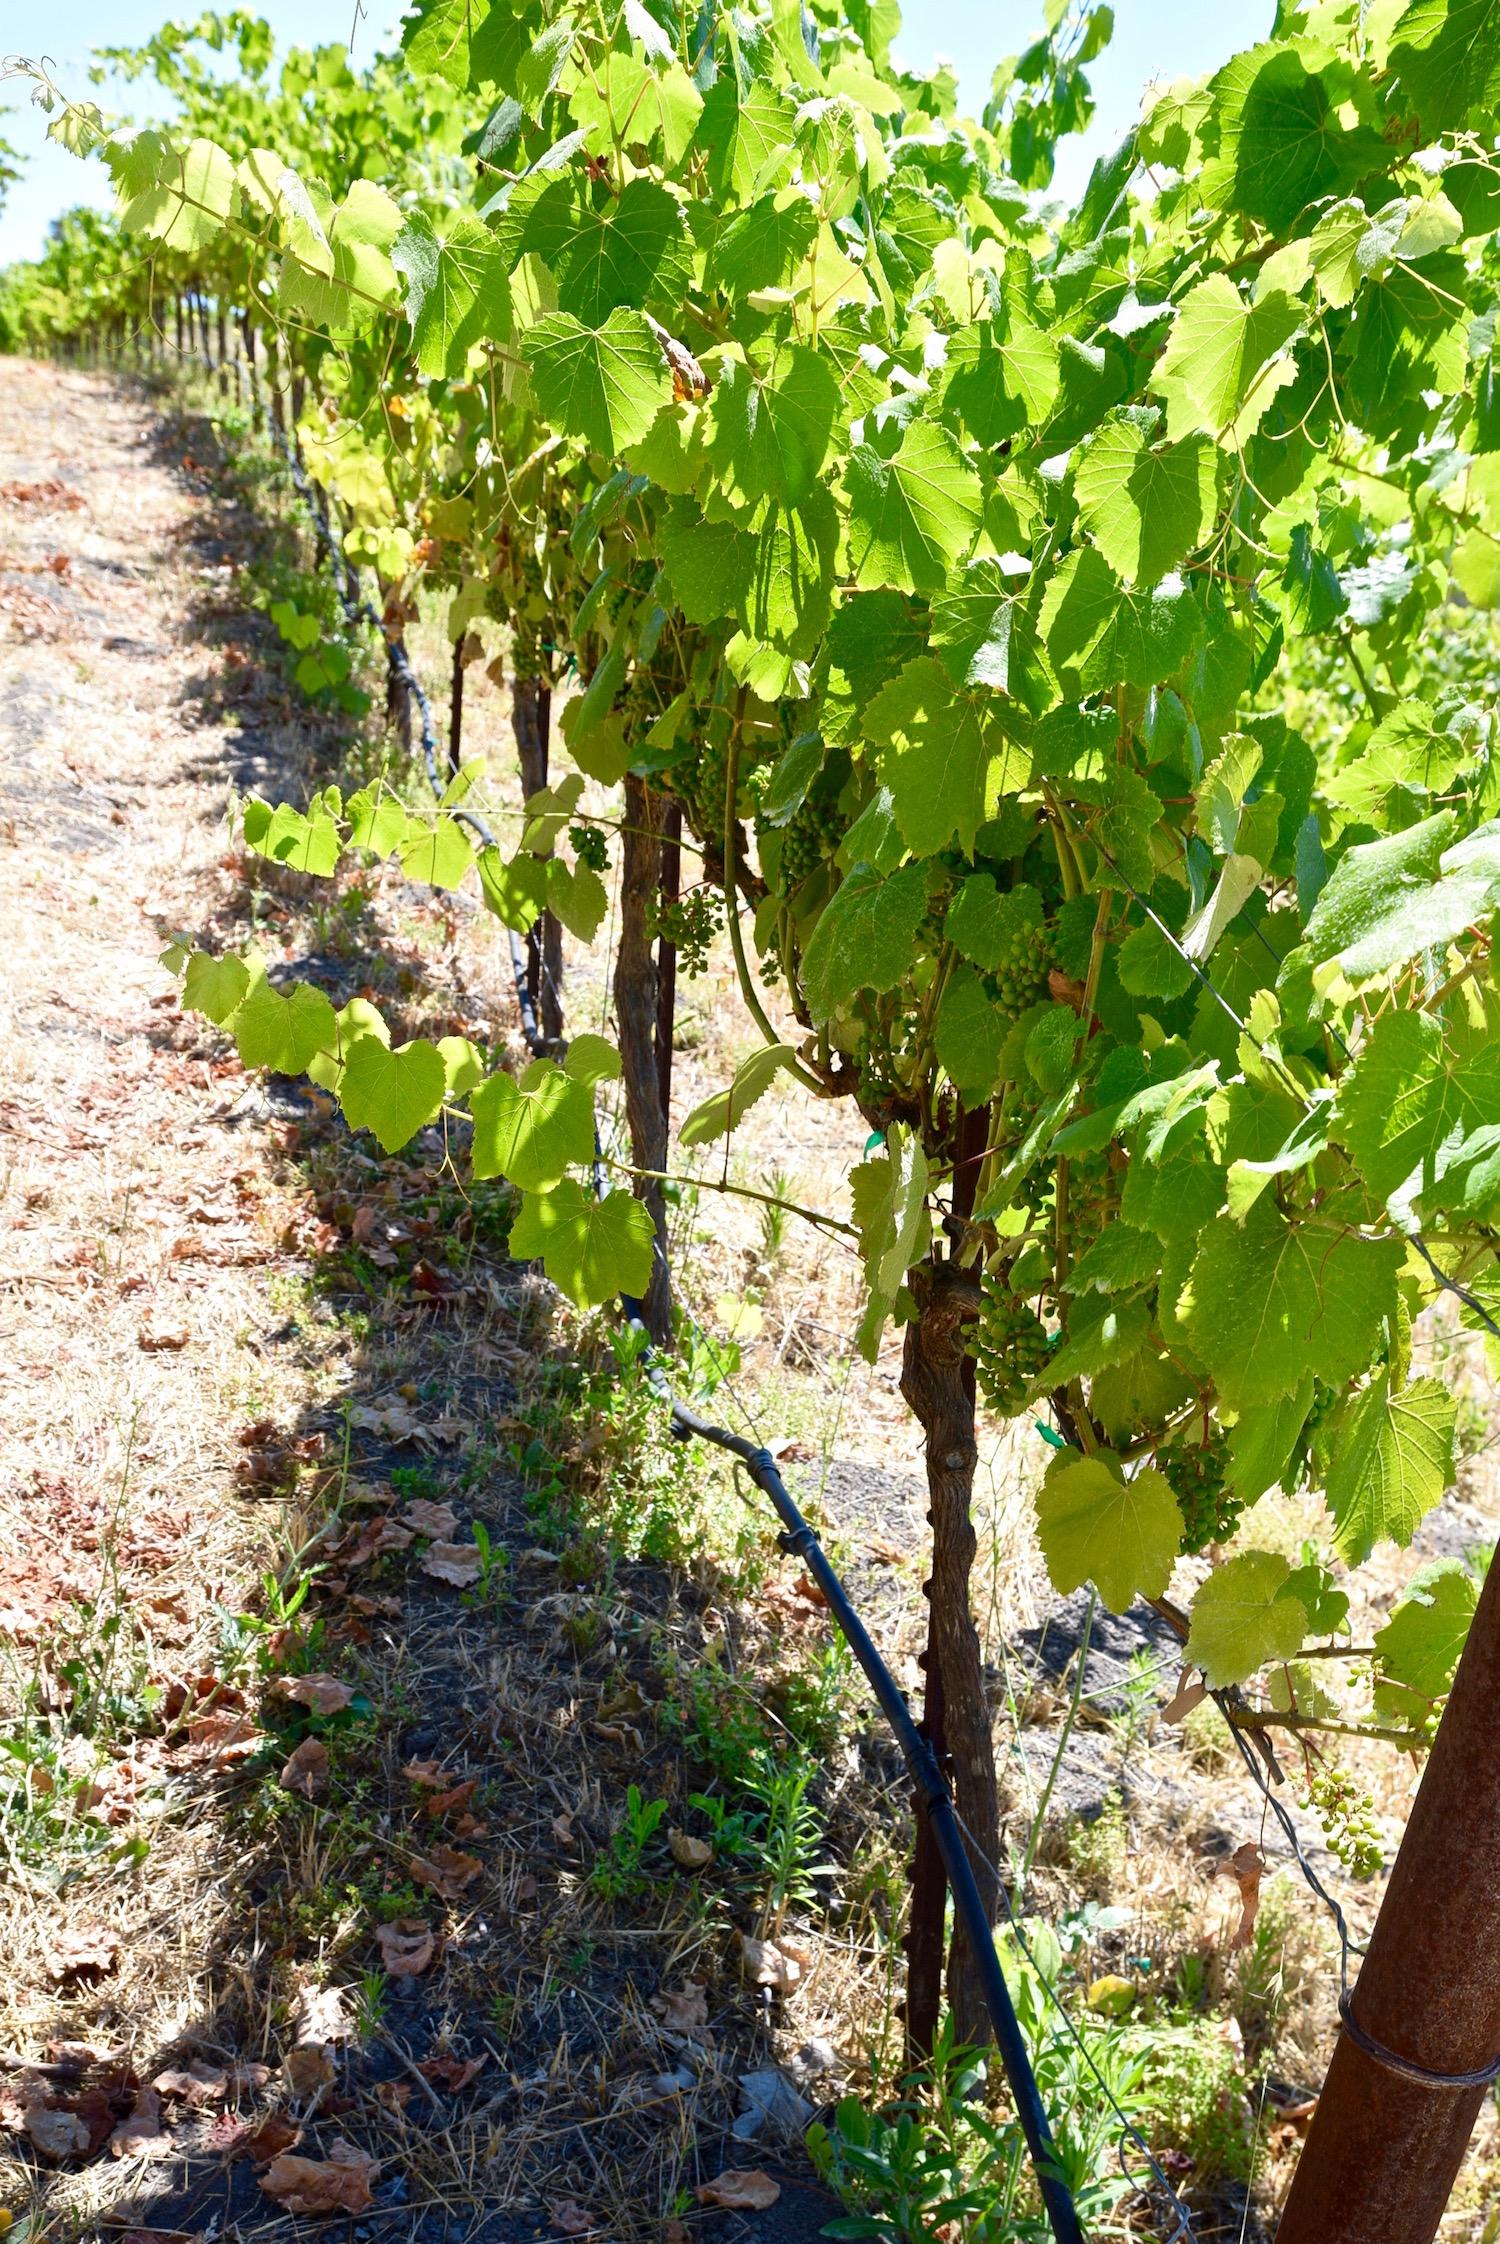 Sinor LaVallee vineyard